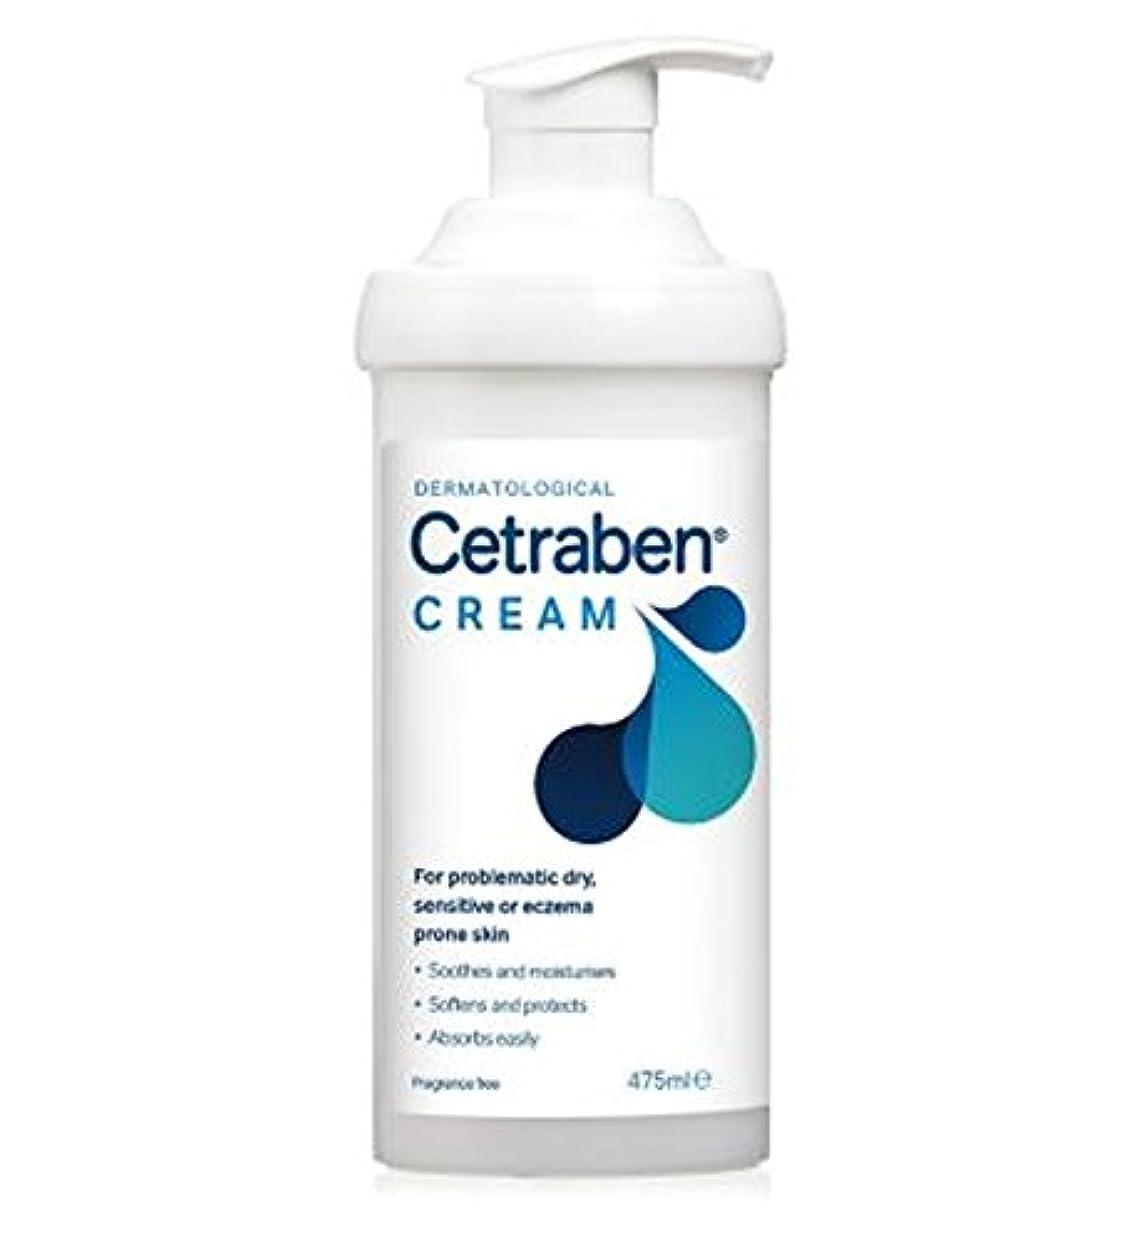 月曜日機関受け皿Cetrabenクリーム475ミリリットル (Cetraben) (x2) - Cetraben Cream 475ml (Pack of 2) [並行輸入品]